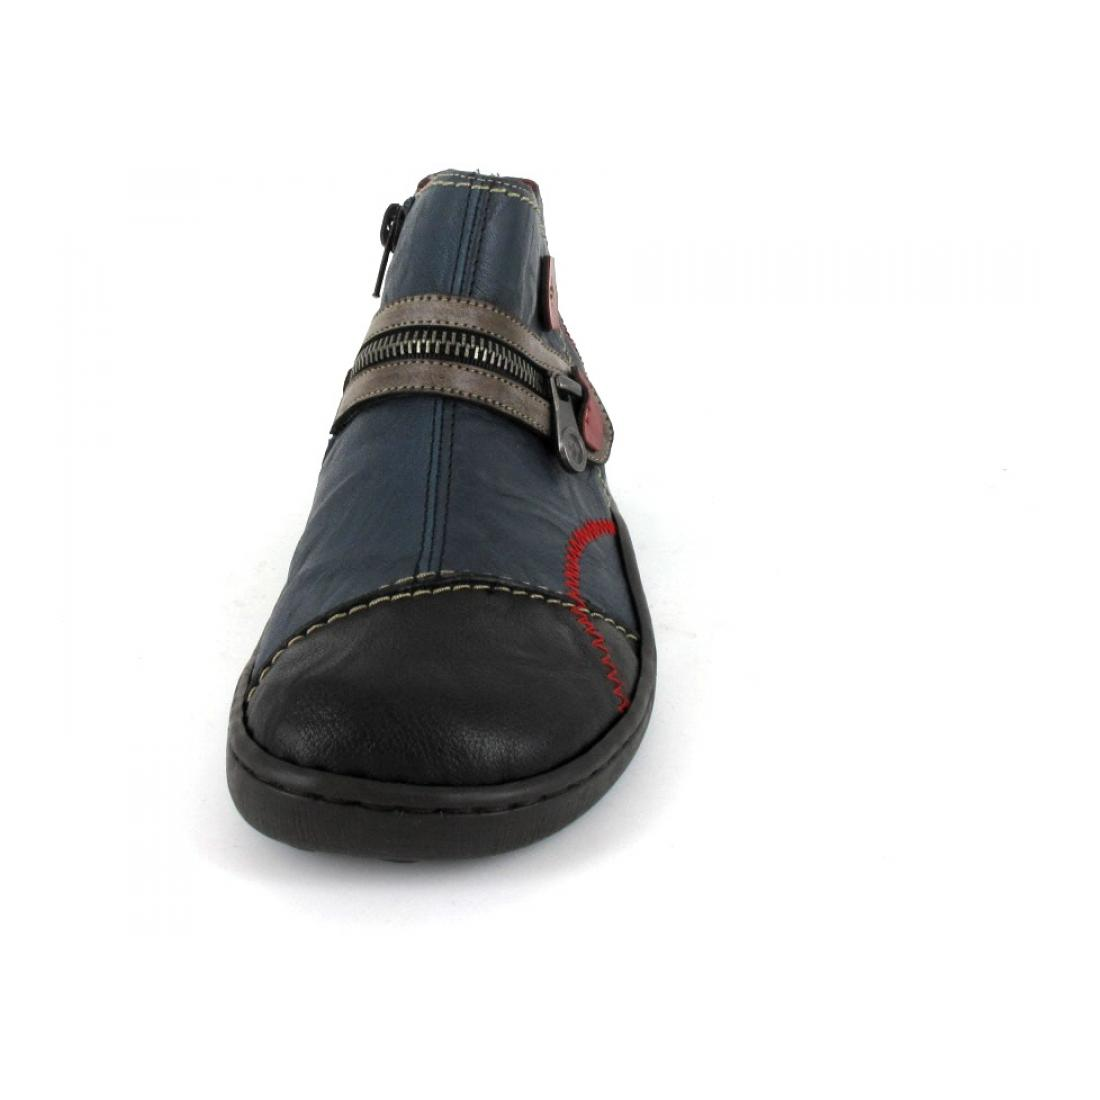 Rieker Boots | Schuh Welt Wo Markenschuhe günstig sind